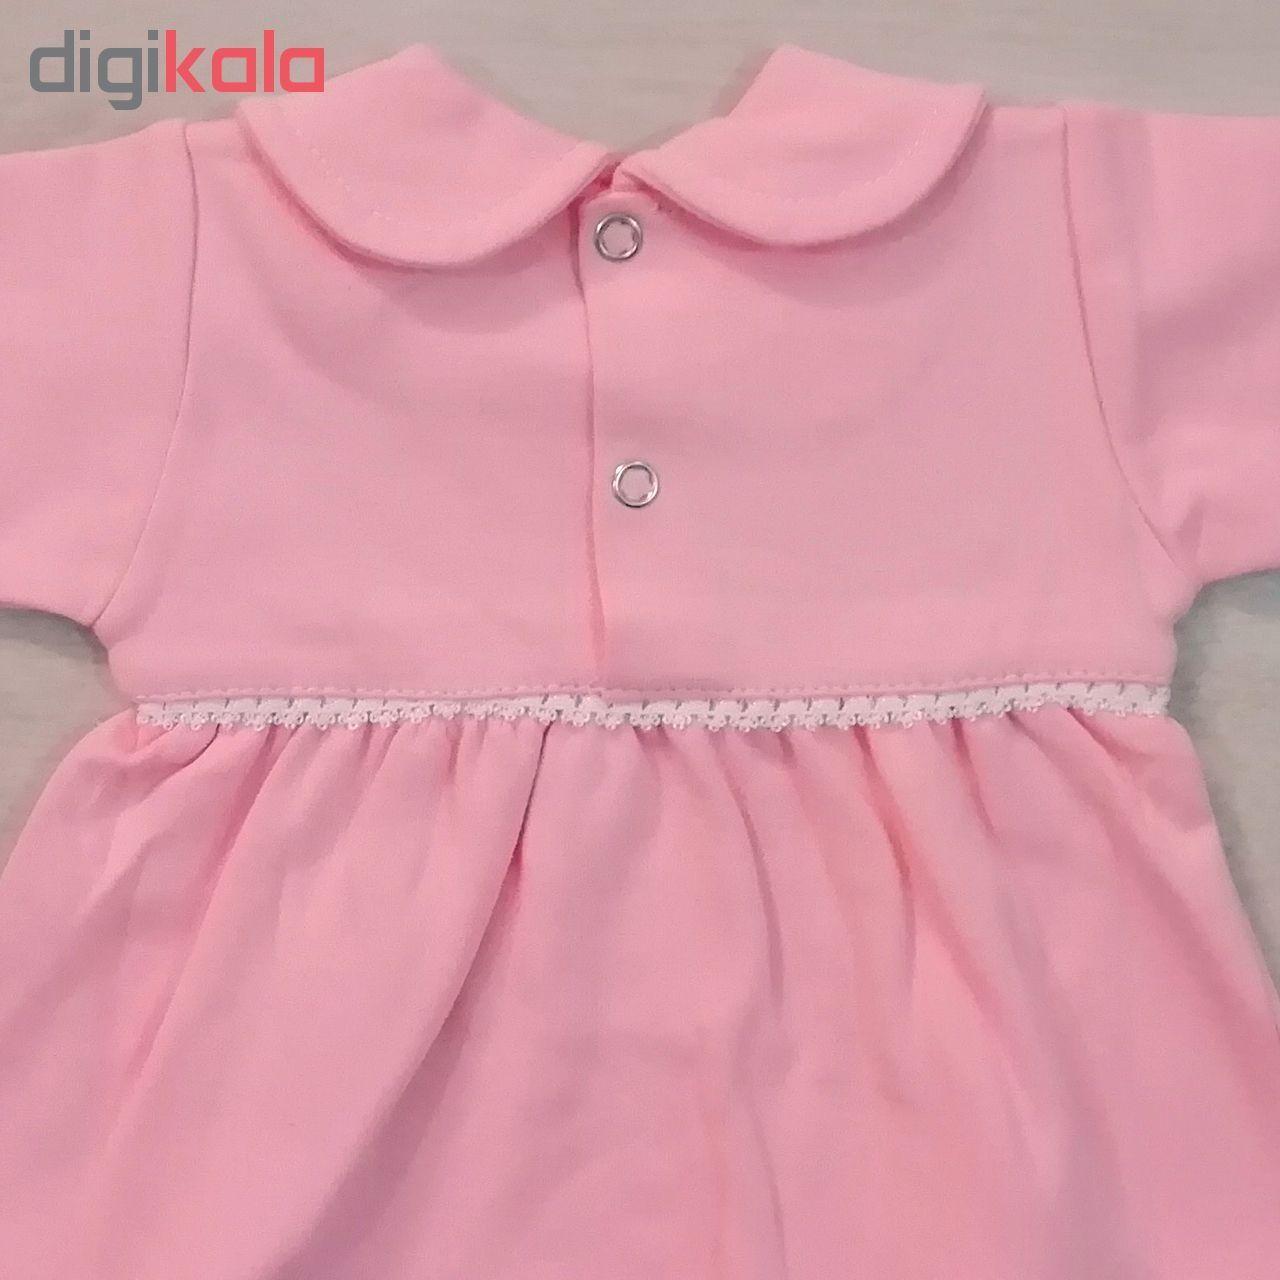 ست تیشرت و شلوار نوزادی دخترانه کد 980908 رنگ صورتی -  - 4